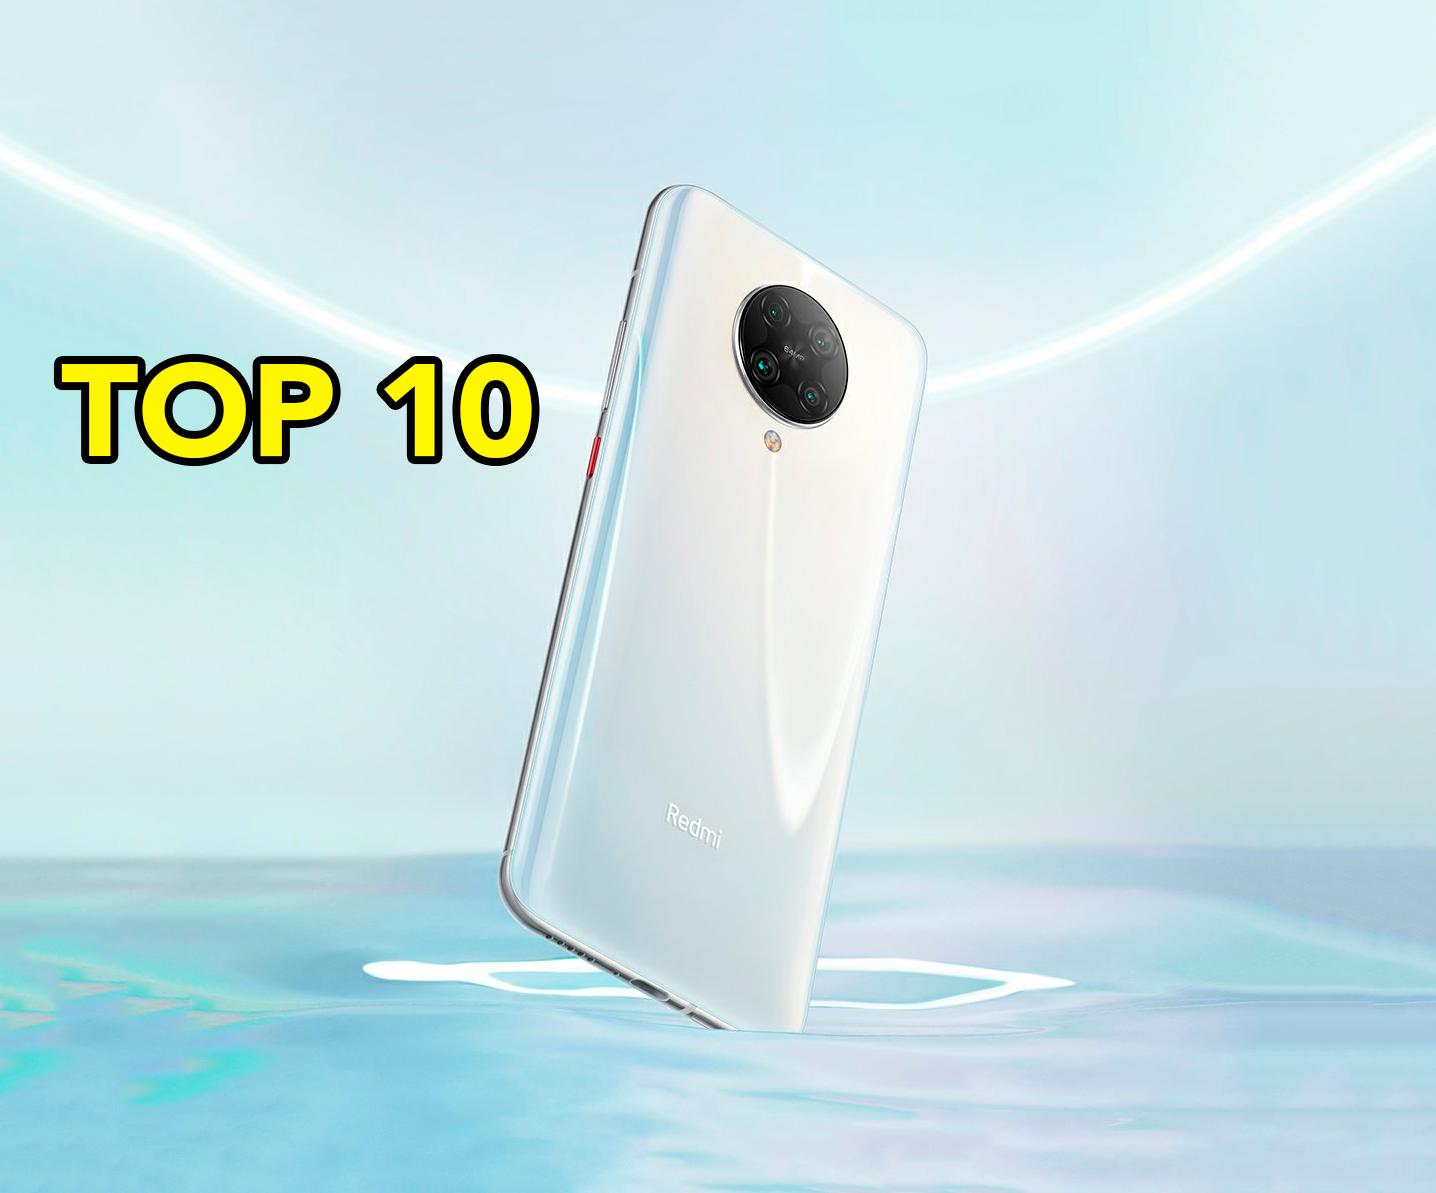 Los 10 smartphones más potentes del momento: ¿está el tuyo?